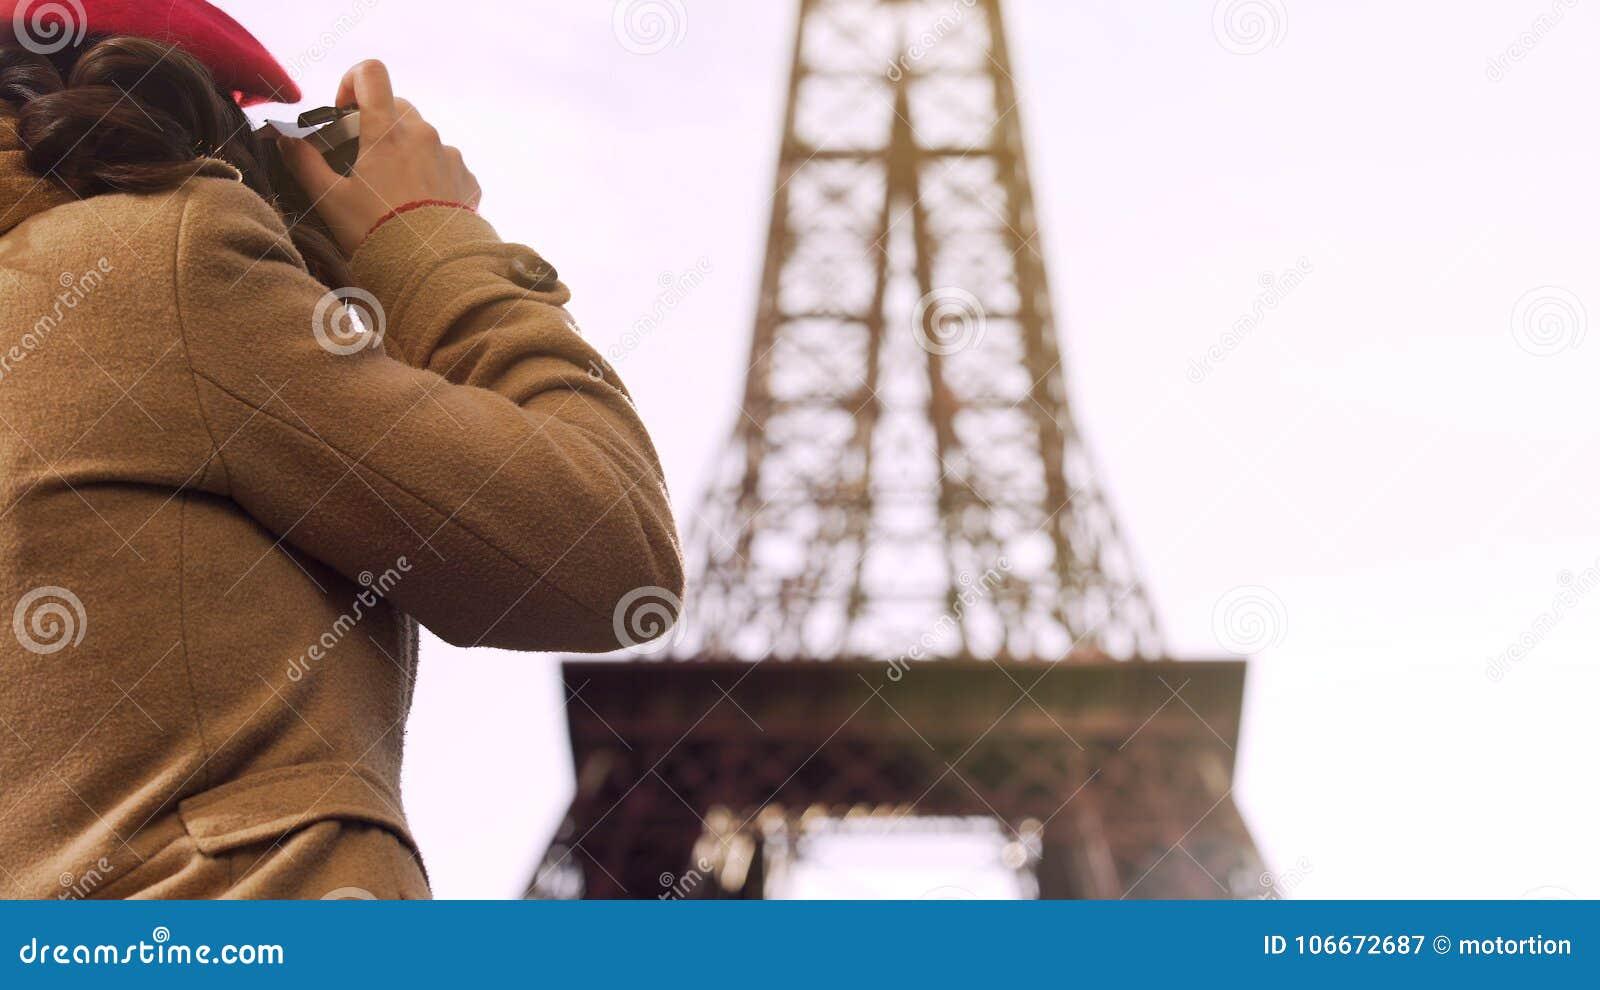 女性旅游拍摄的艾菲尔铁塔,度过假期在巴黎,旅行